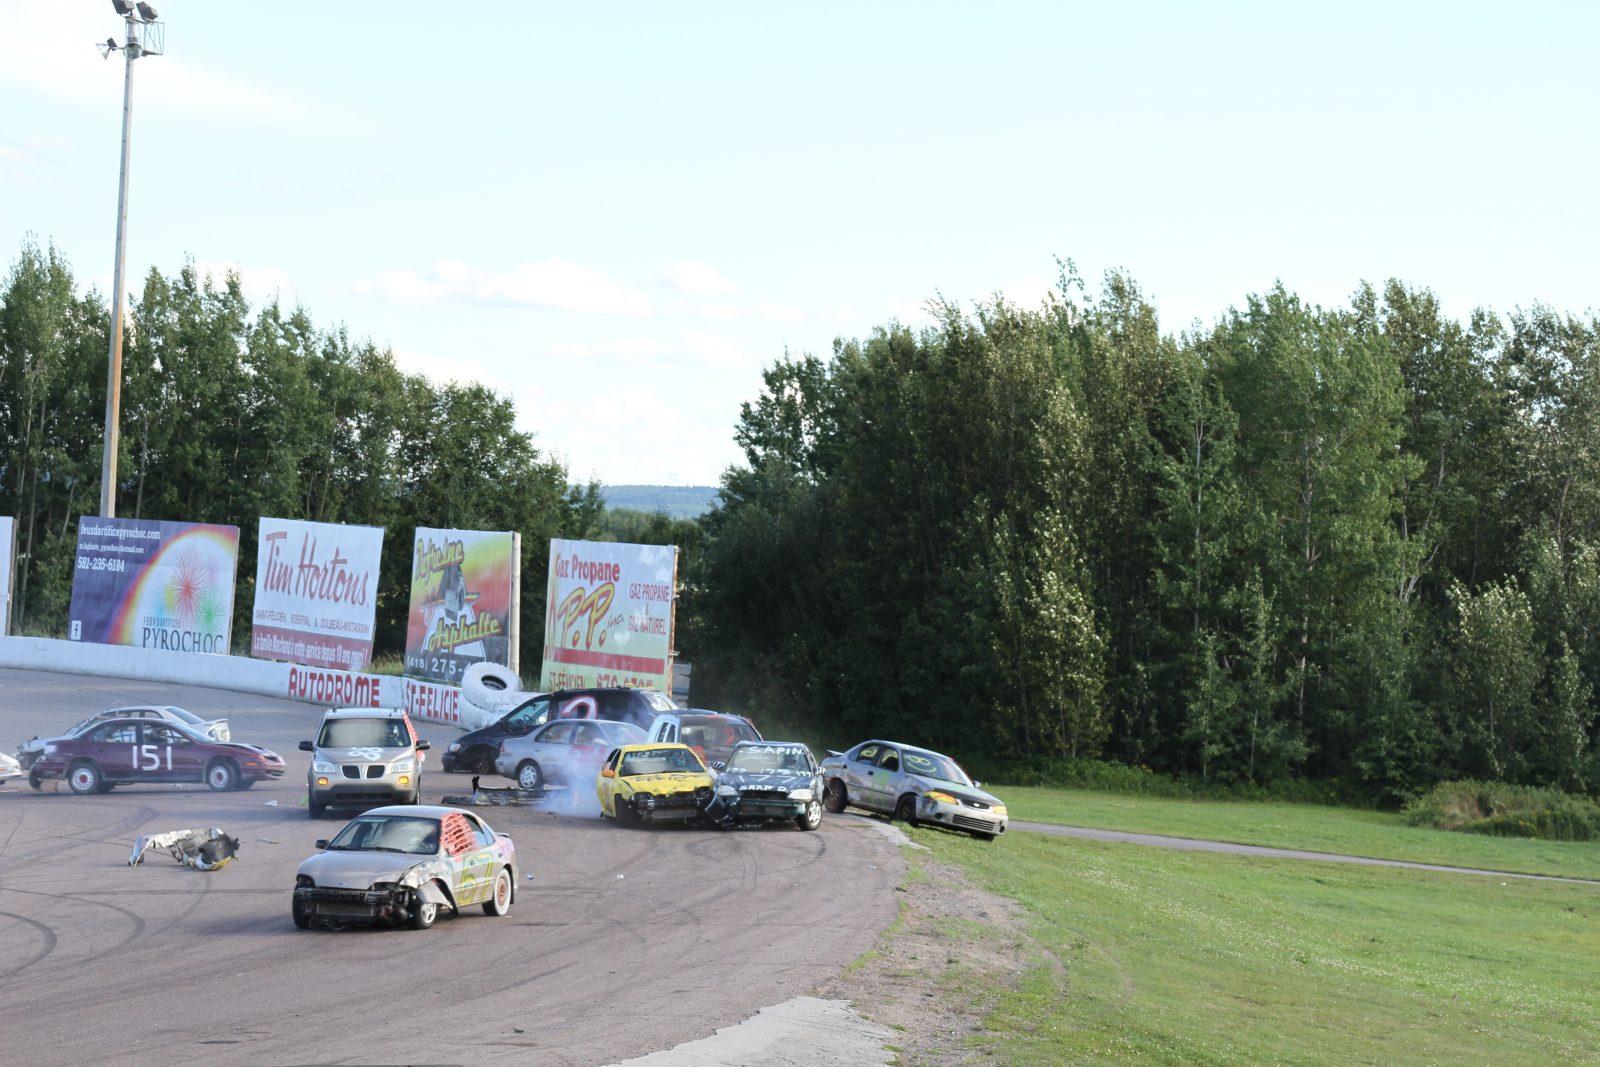 Autodrome de Saint-Félicien : on a hâte de lâcher les brakes pour présenter des courses